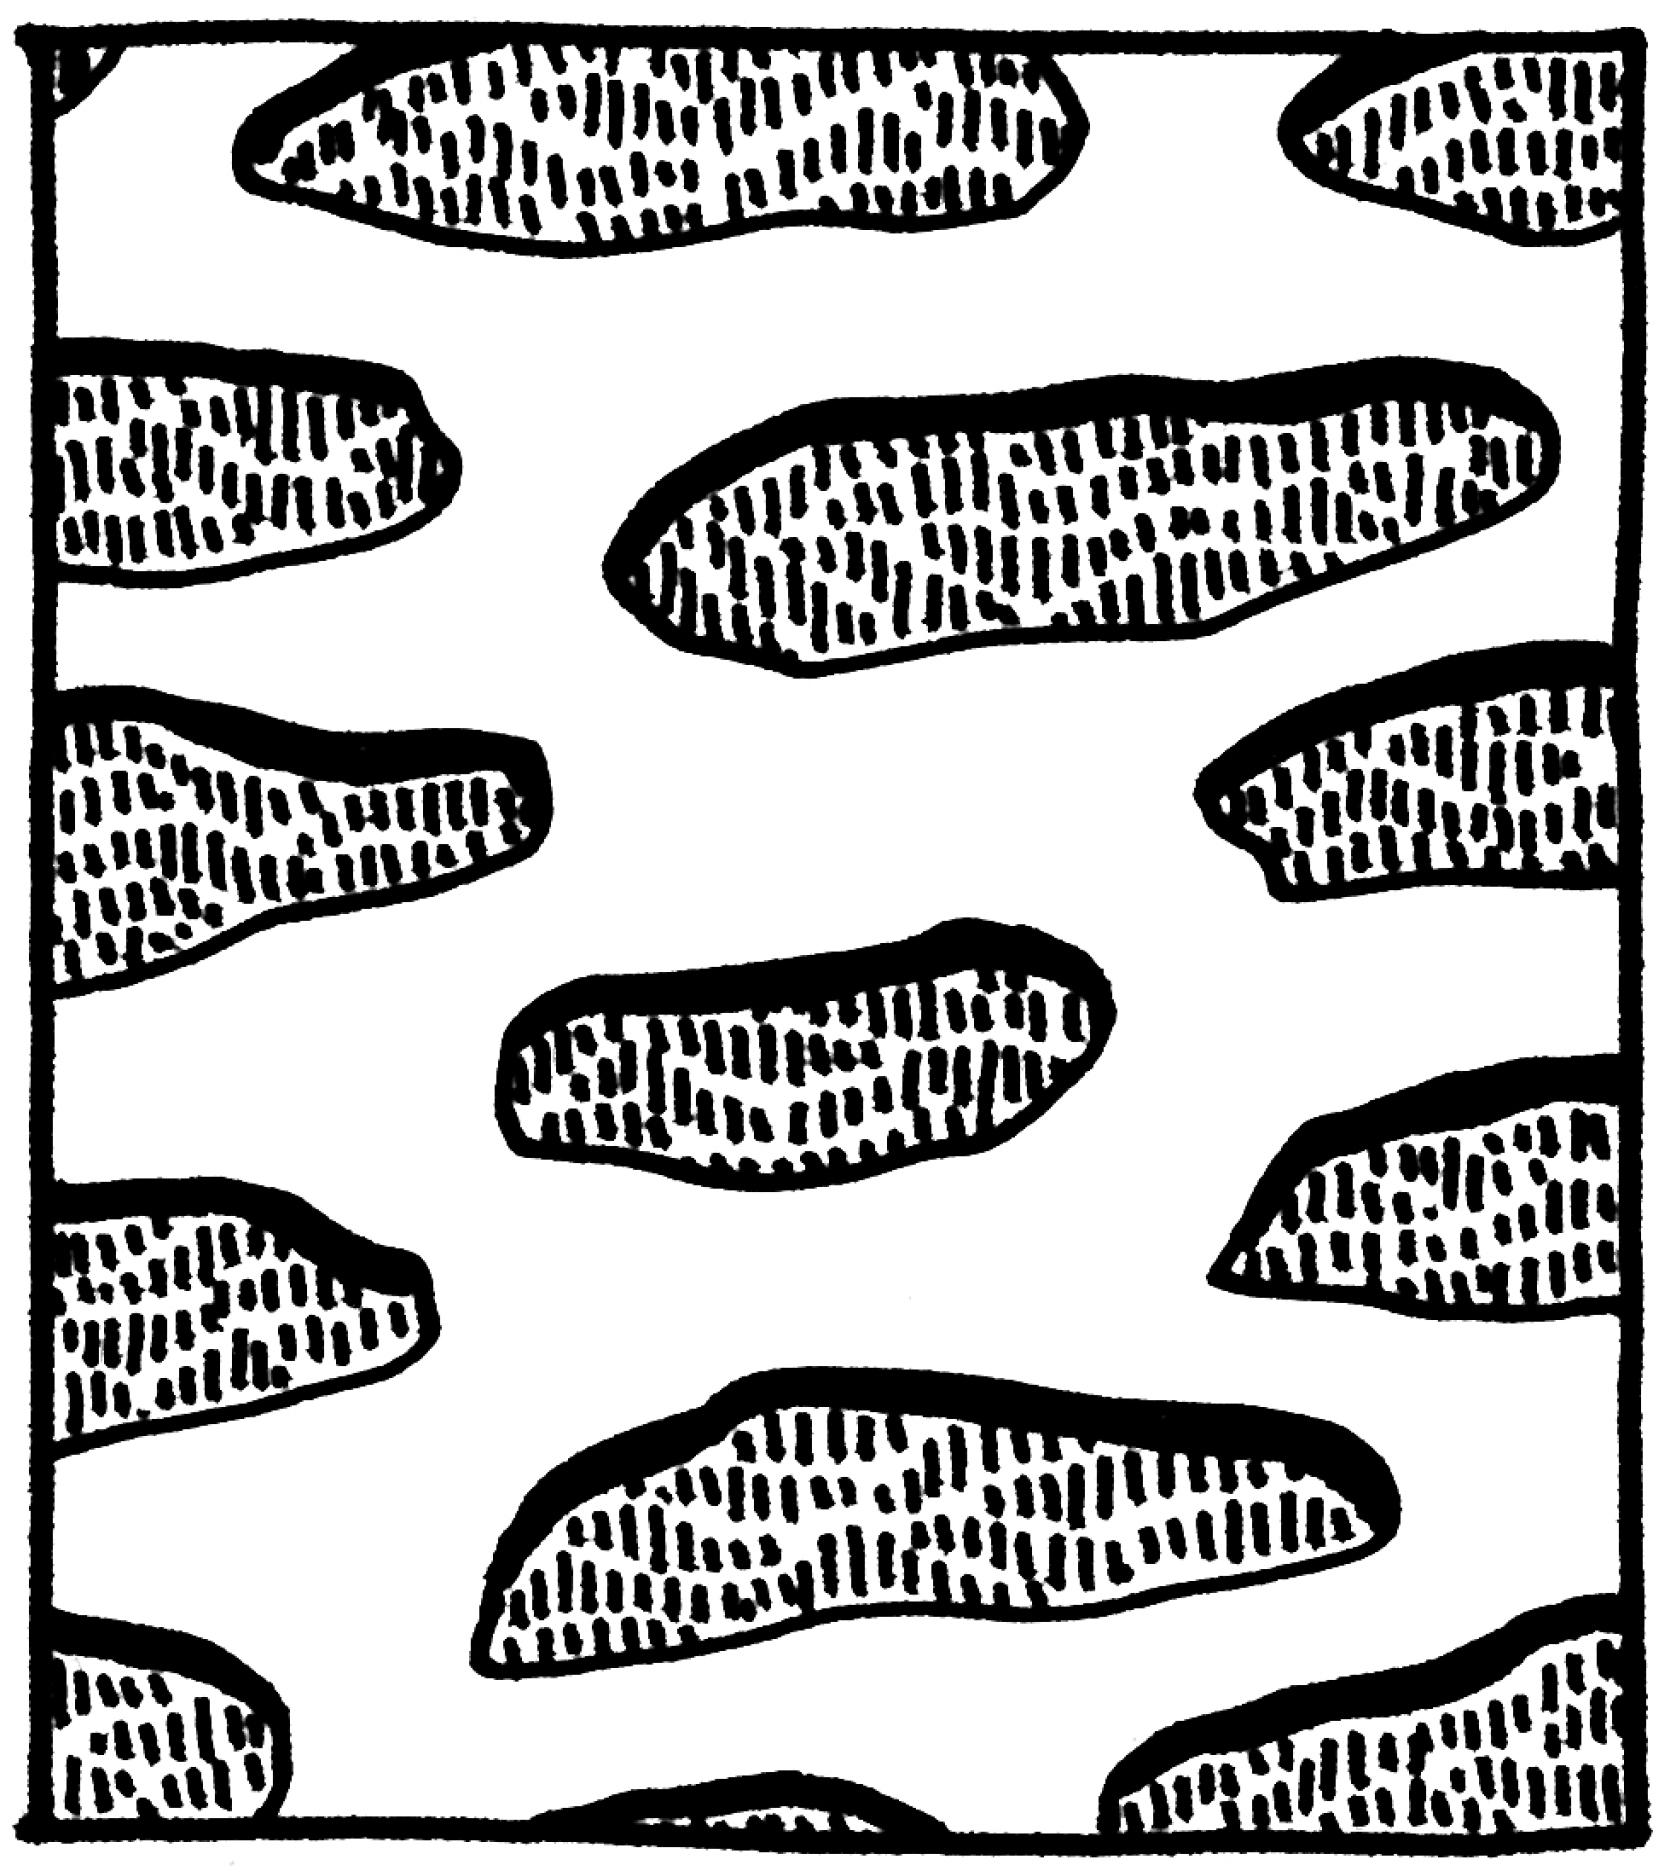 Valencia_patterns3.jpg